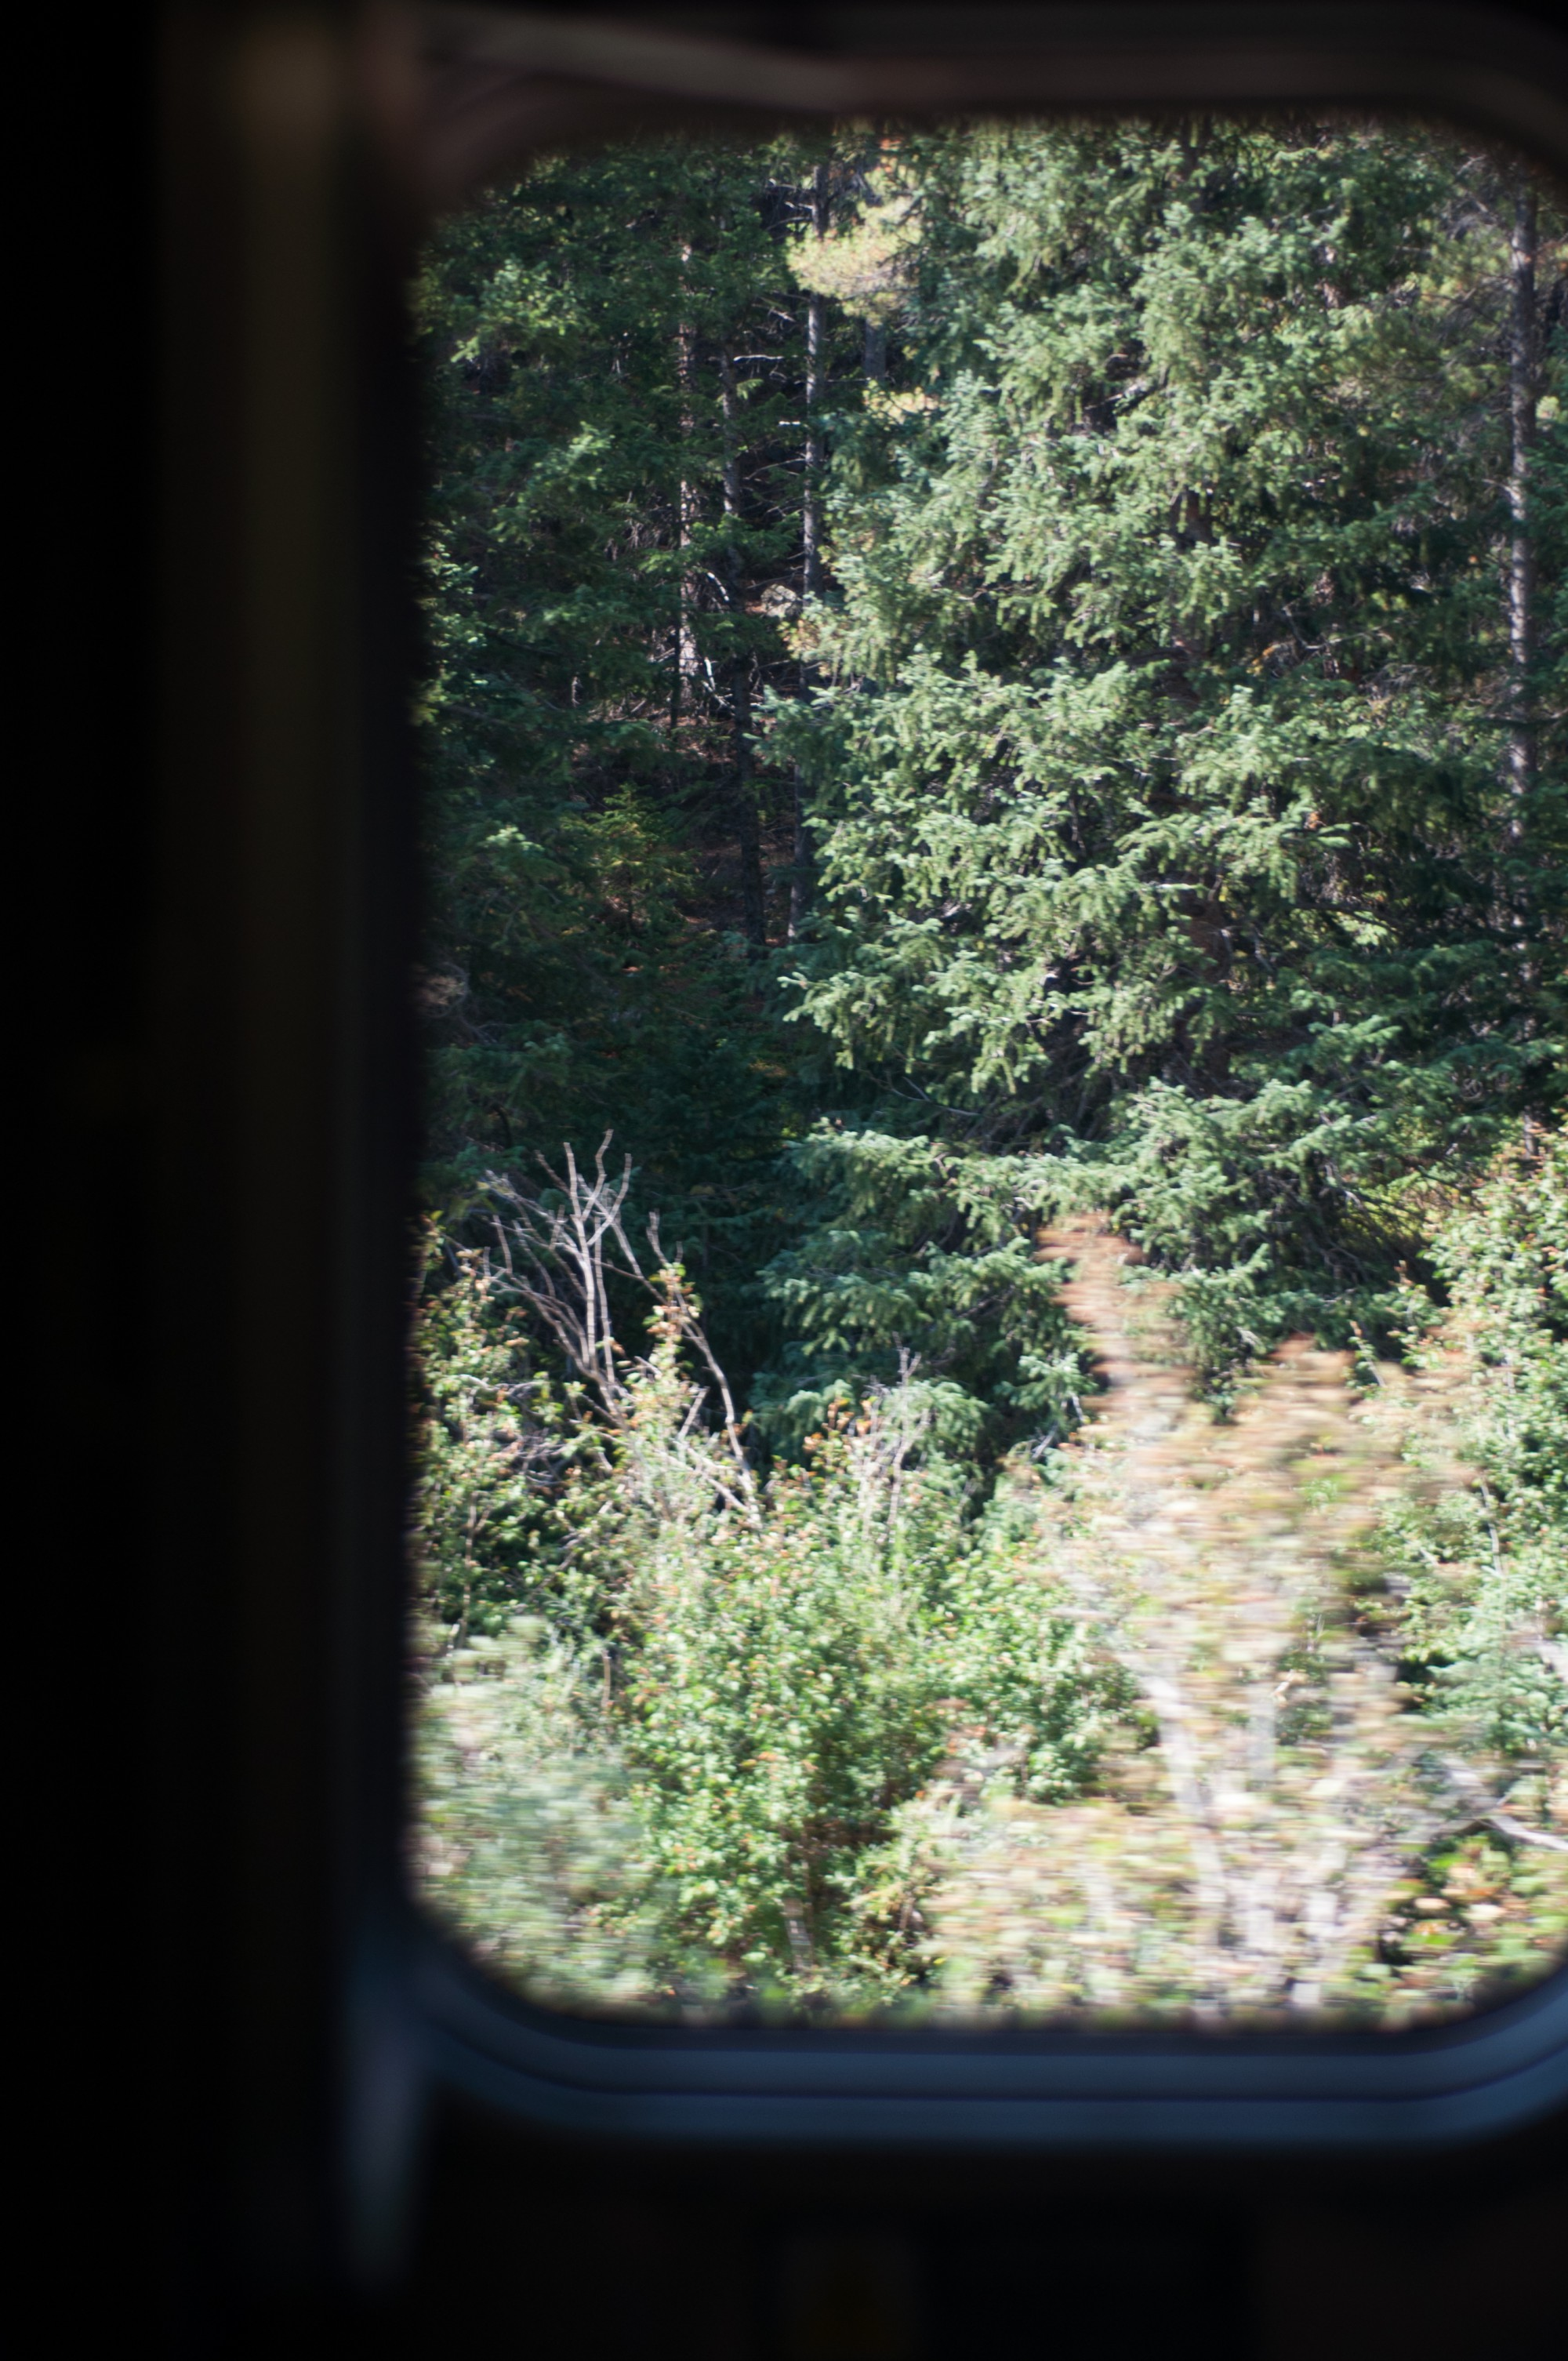 Par la fenêtre, les forêts de pin commencent à apparaître